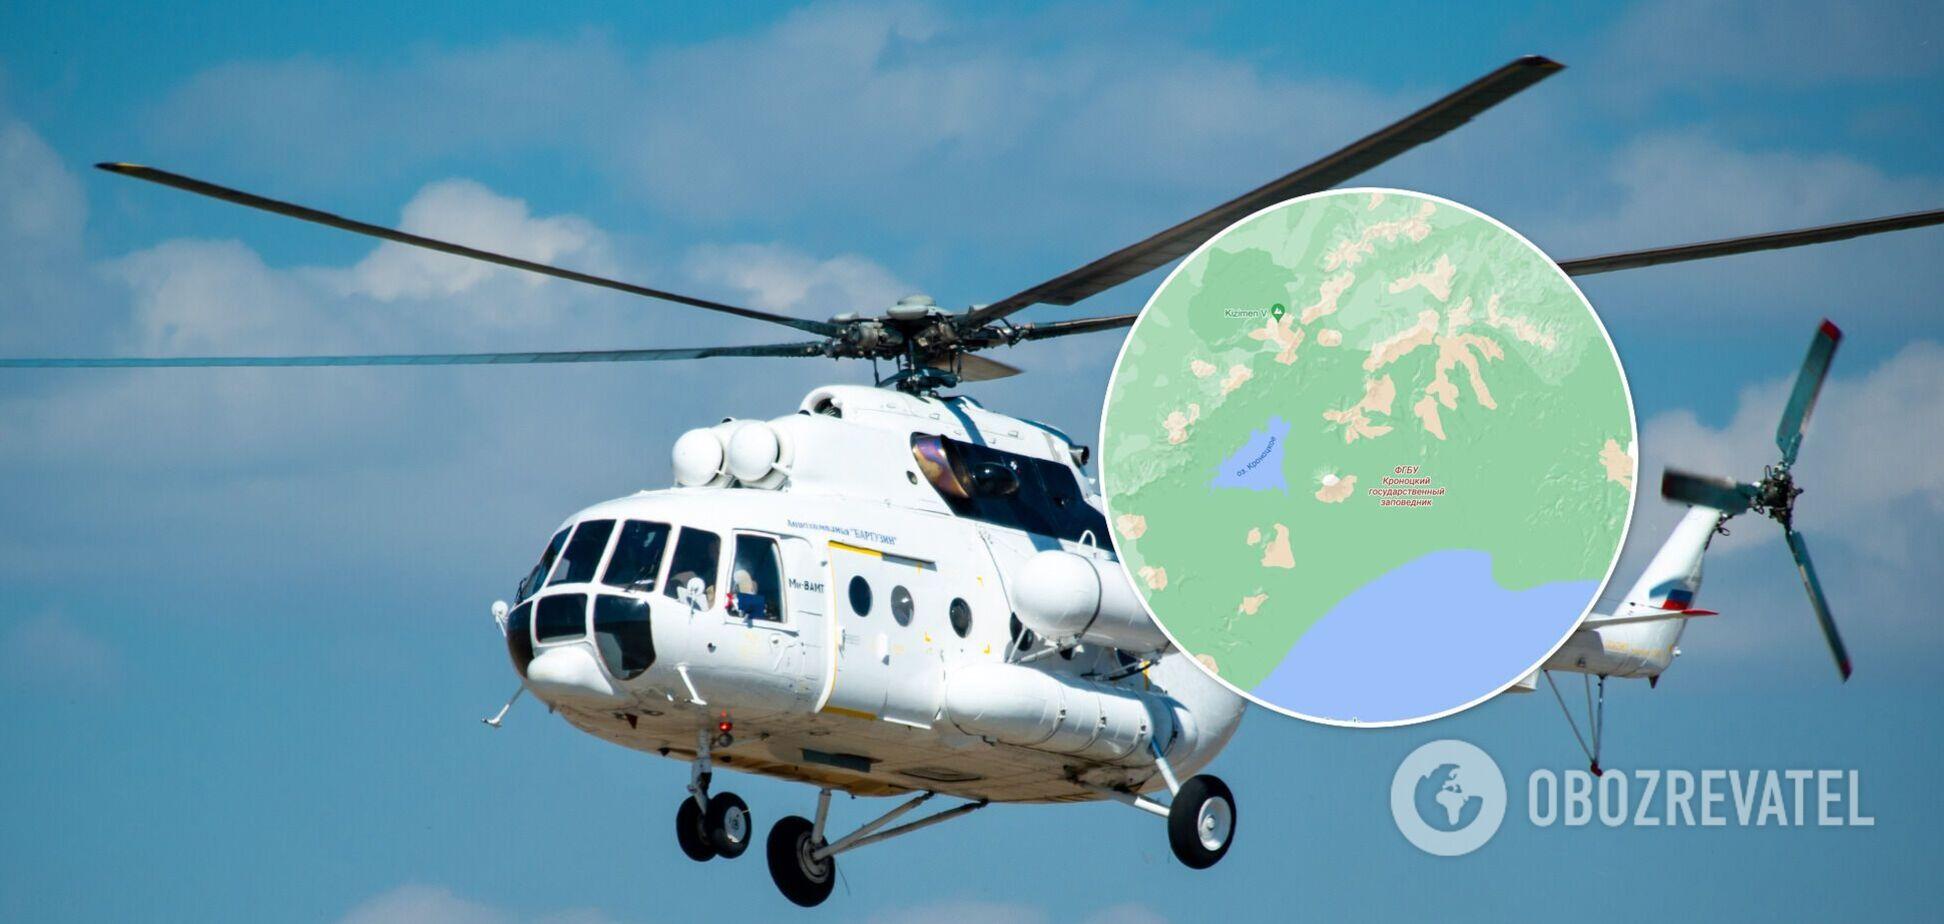 У Росії впав вертоліт із туристами, є загиблі й ті, що вижили. Фото, відео та всі подробиці